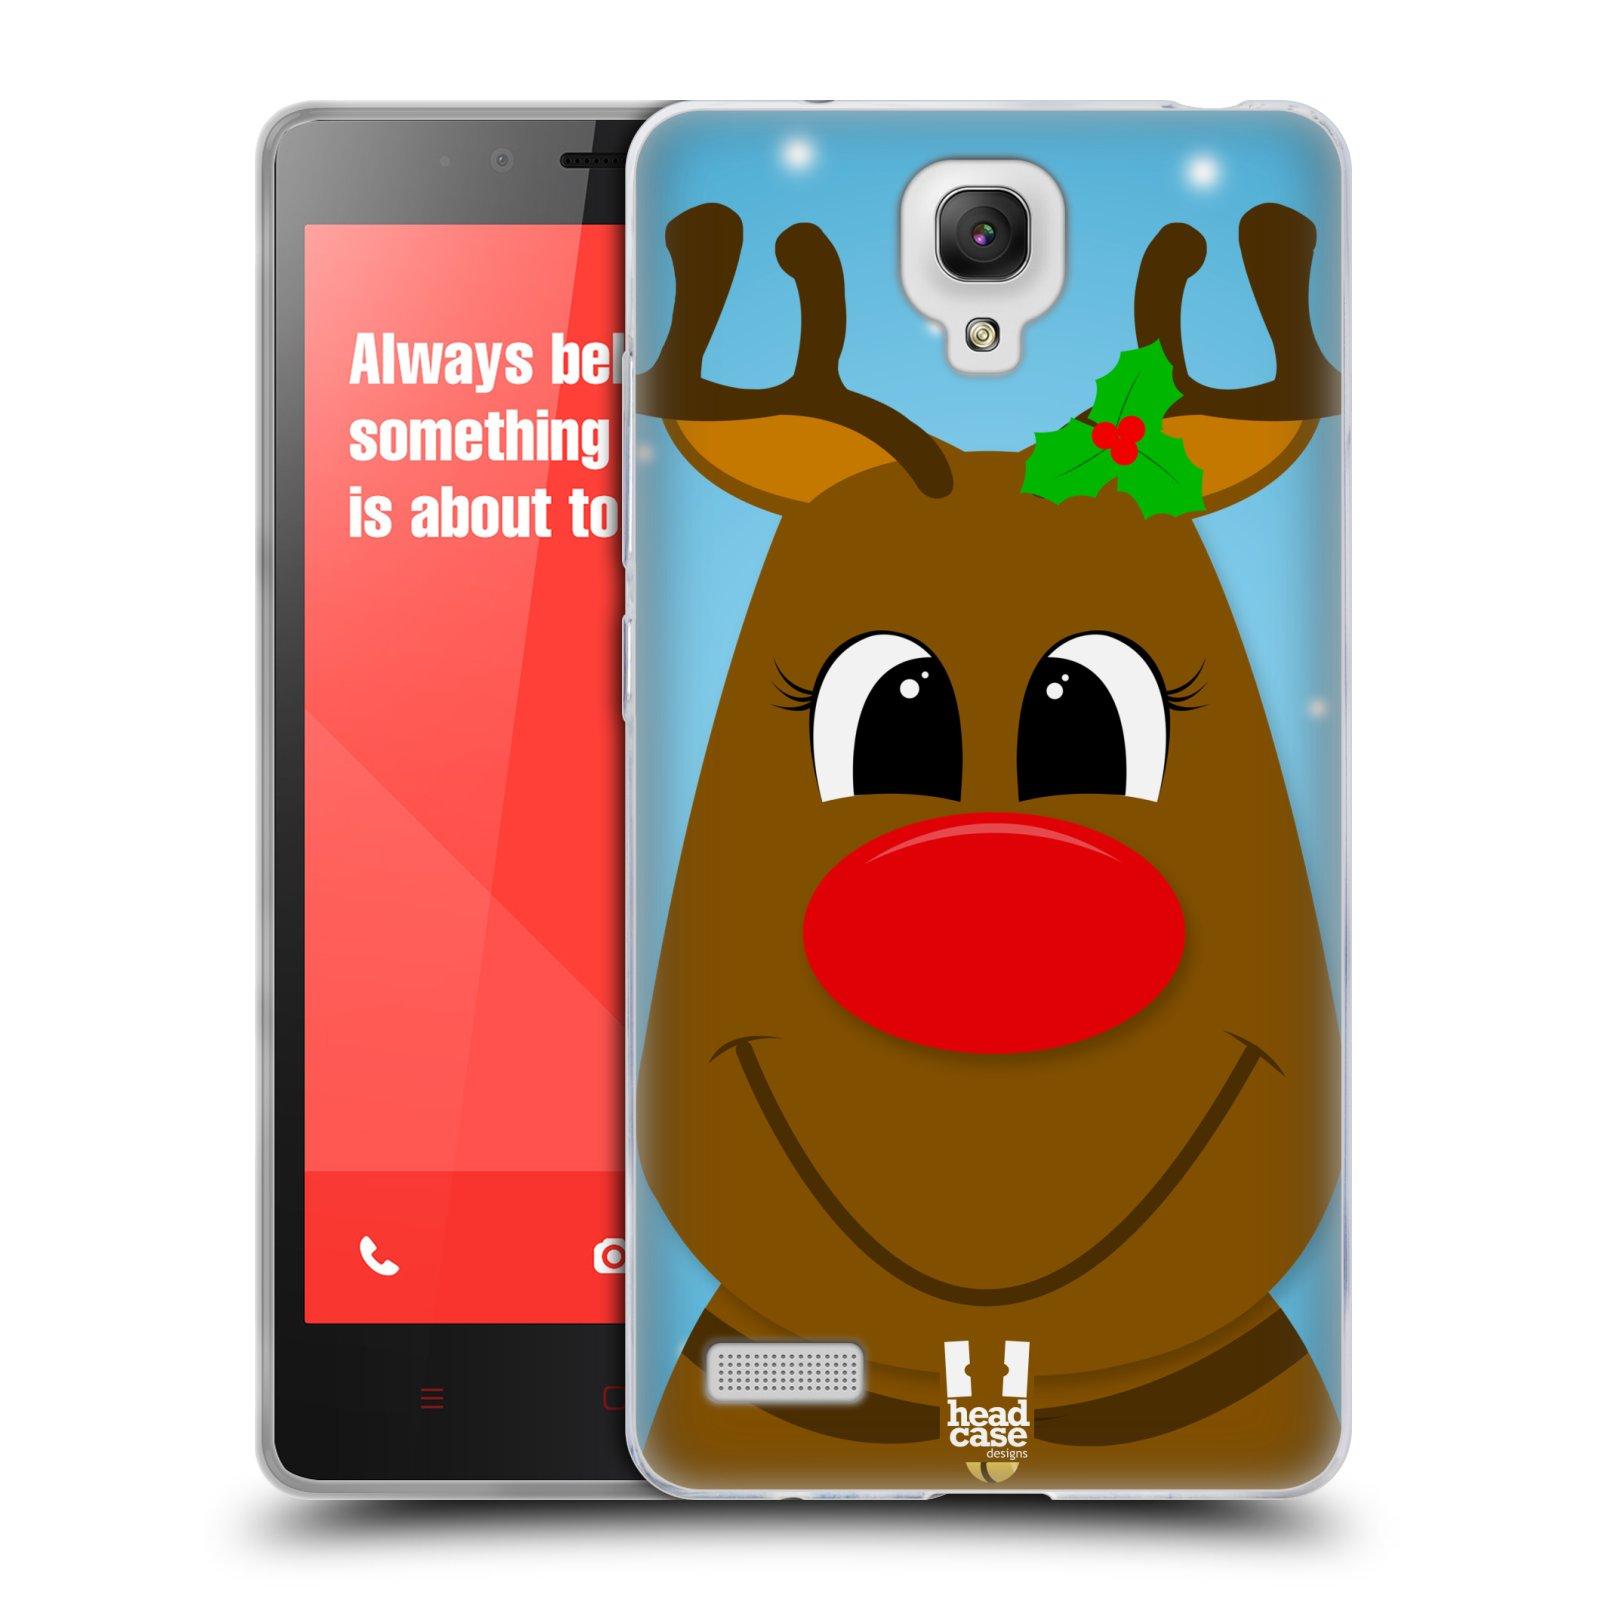 HEAD CASE silikonový obal na mobil XIAOMI REDMI NOTE vzor Vánoční tváře kreslené SOB RUDOLF